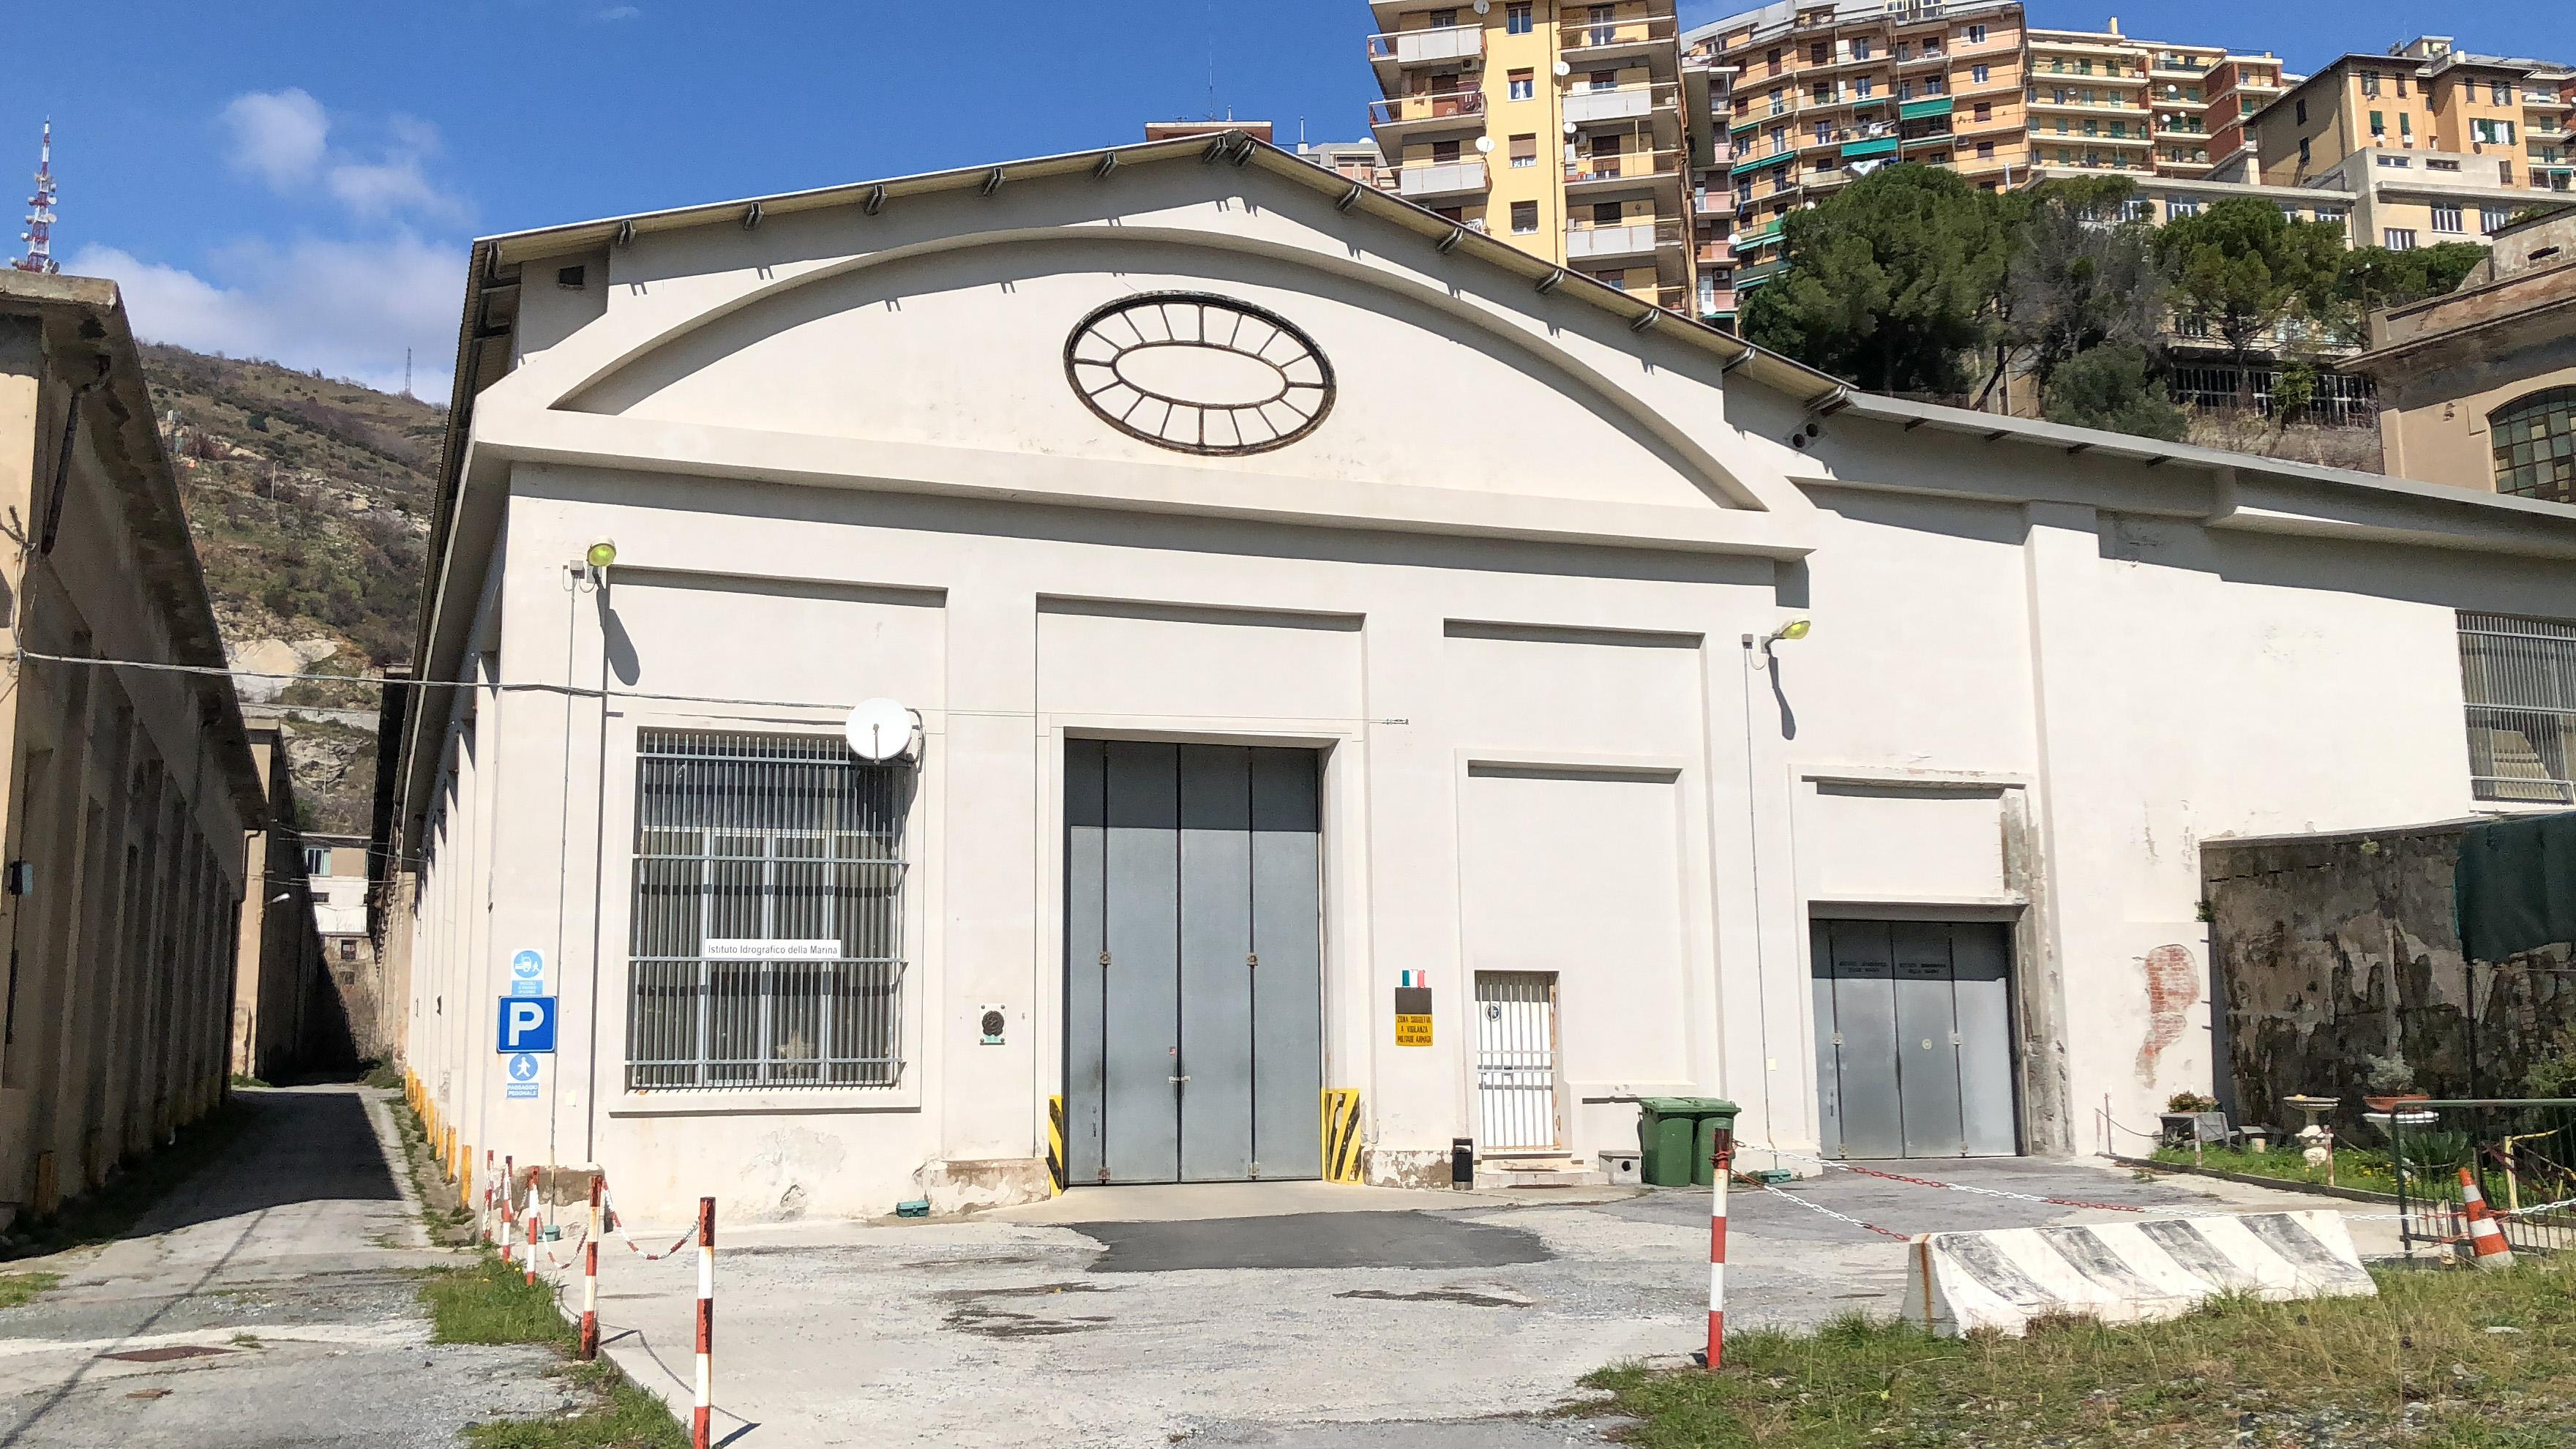 image Storie di caserma 1 1999 full italian movie Part 6